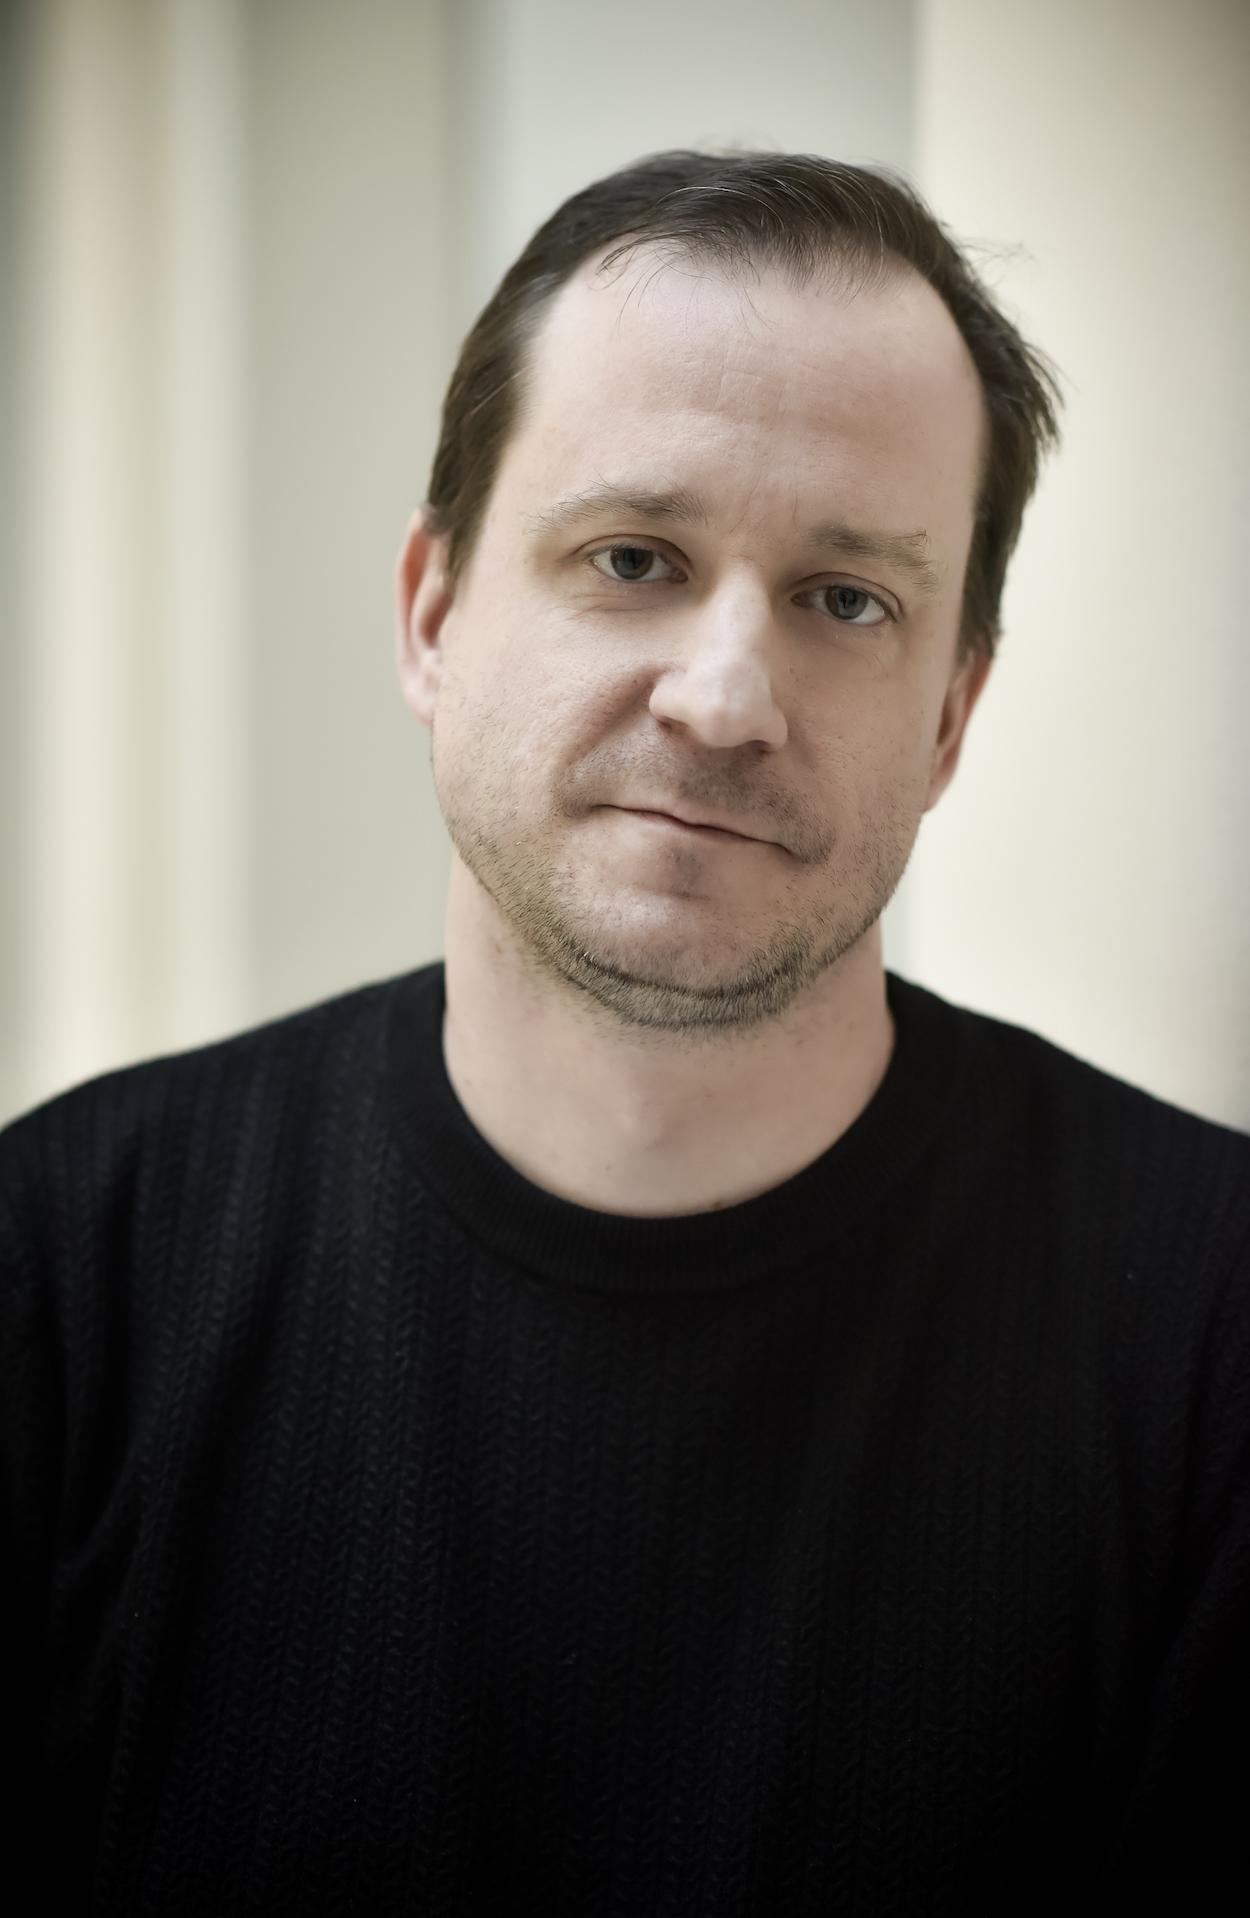 3_Marek Horoscak